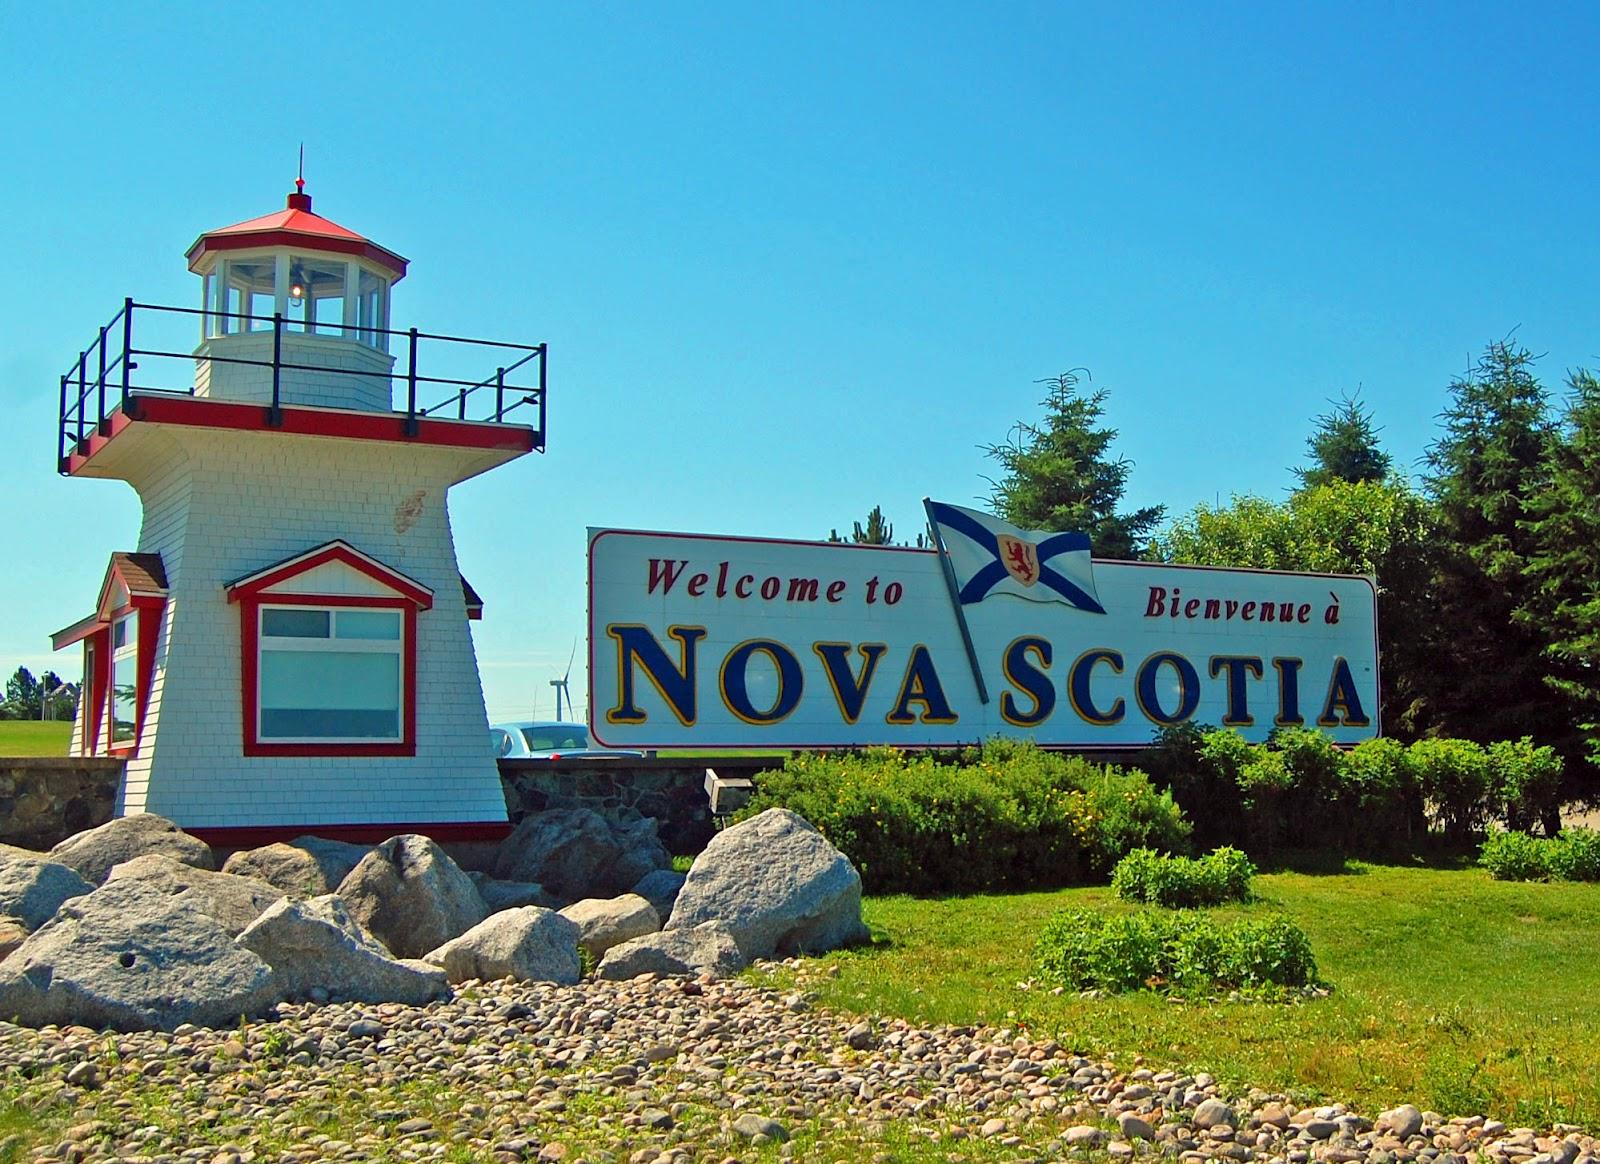 Nova Scotia Bắt Đầu Nhận Đơn Diện Nhân Viên Trình Độ Không Cần Lời Mời Làm Việc